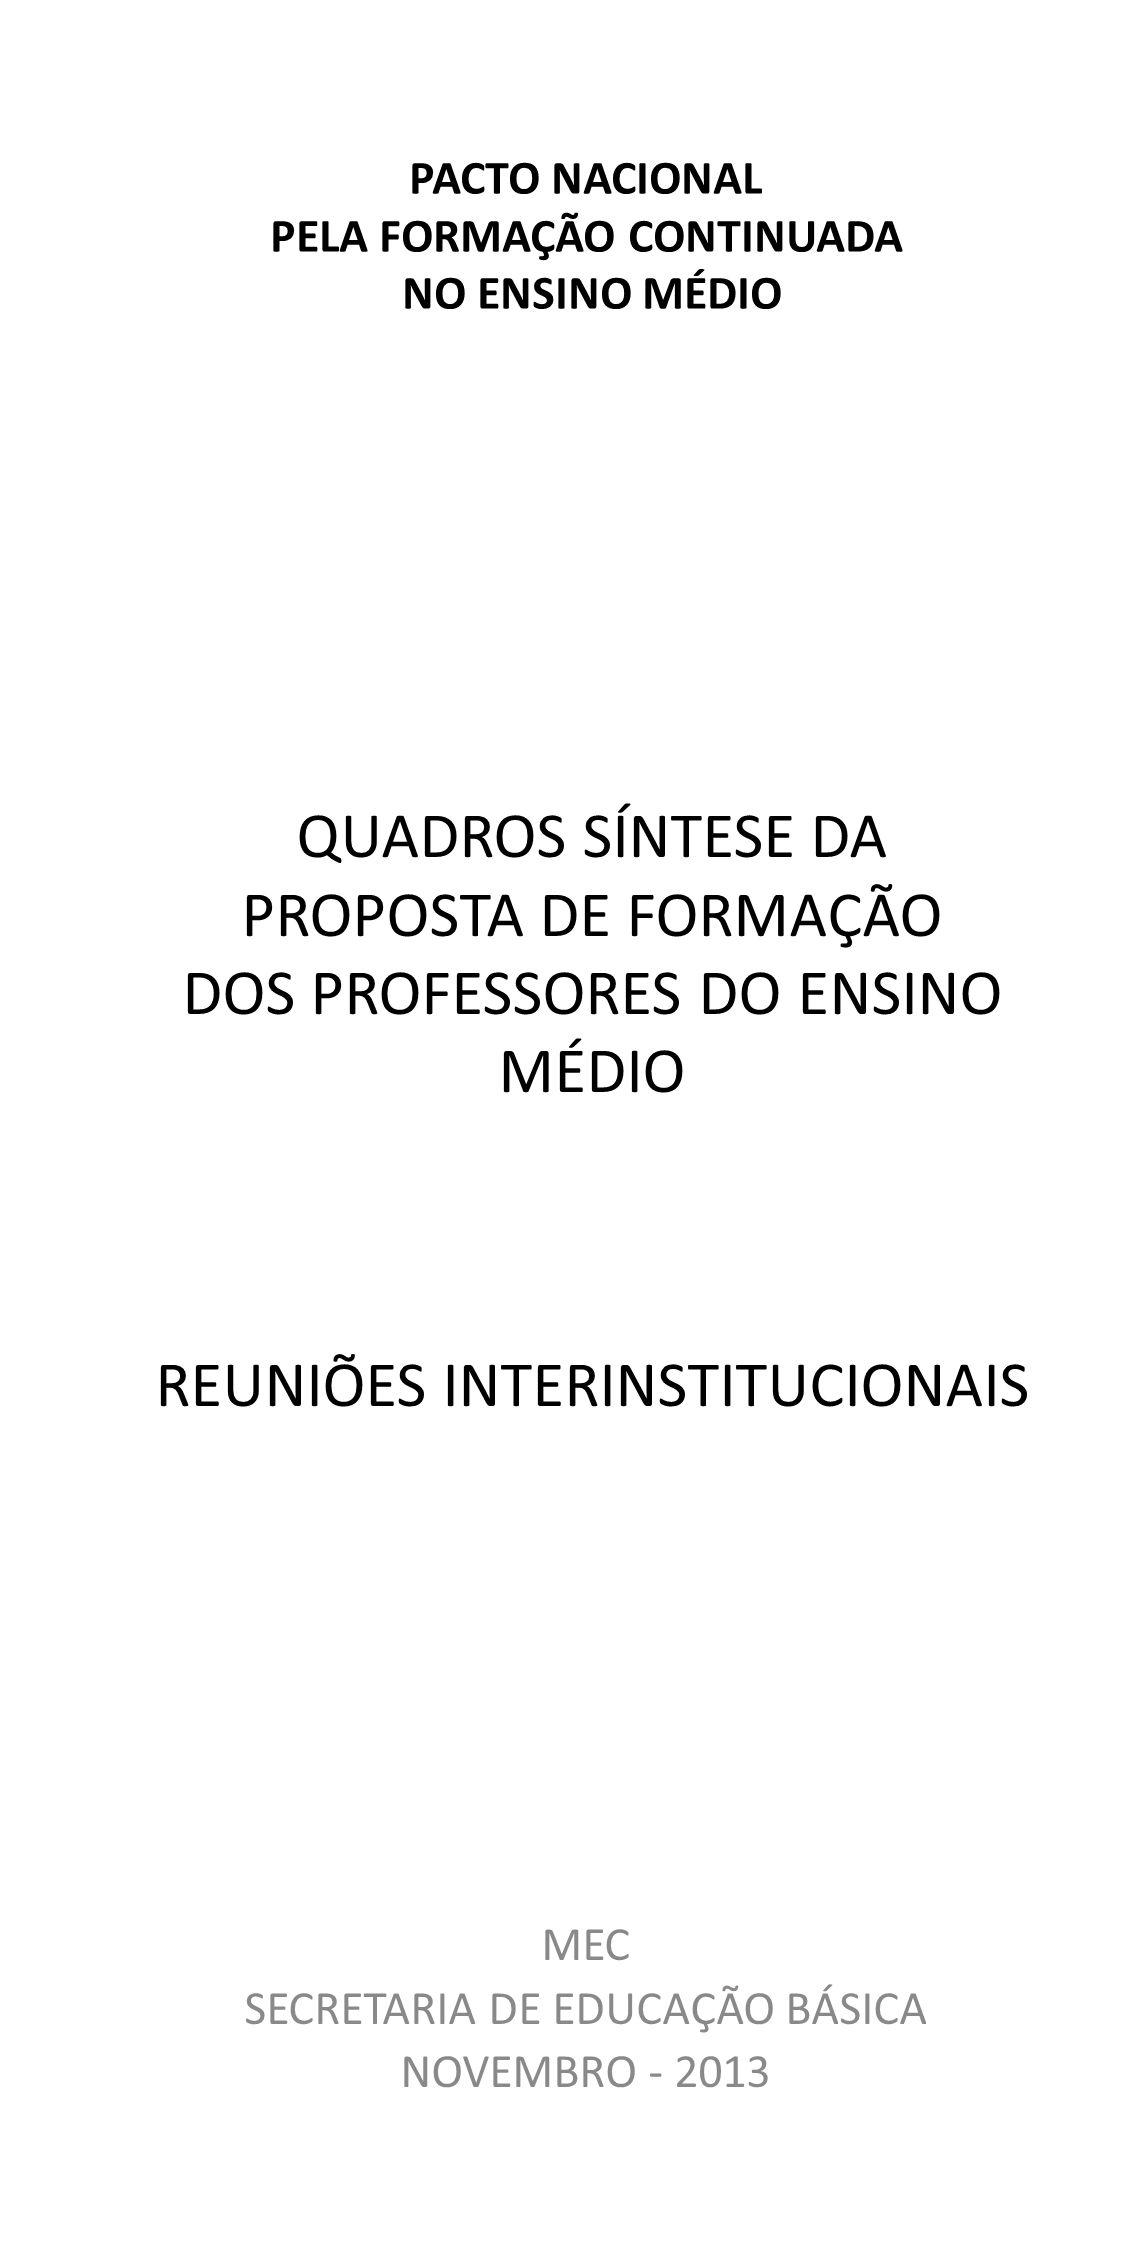 MEC SECRETARIA DE EDUCAÇÃO BÁSICA NOVEMBRO - 2013